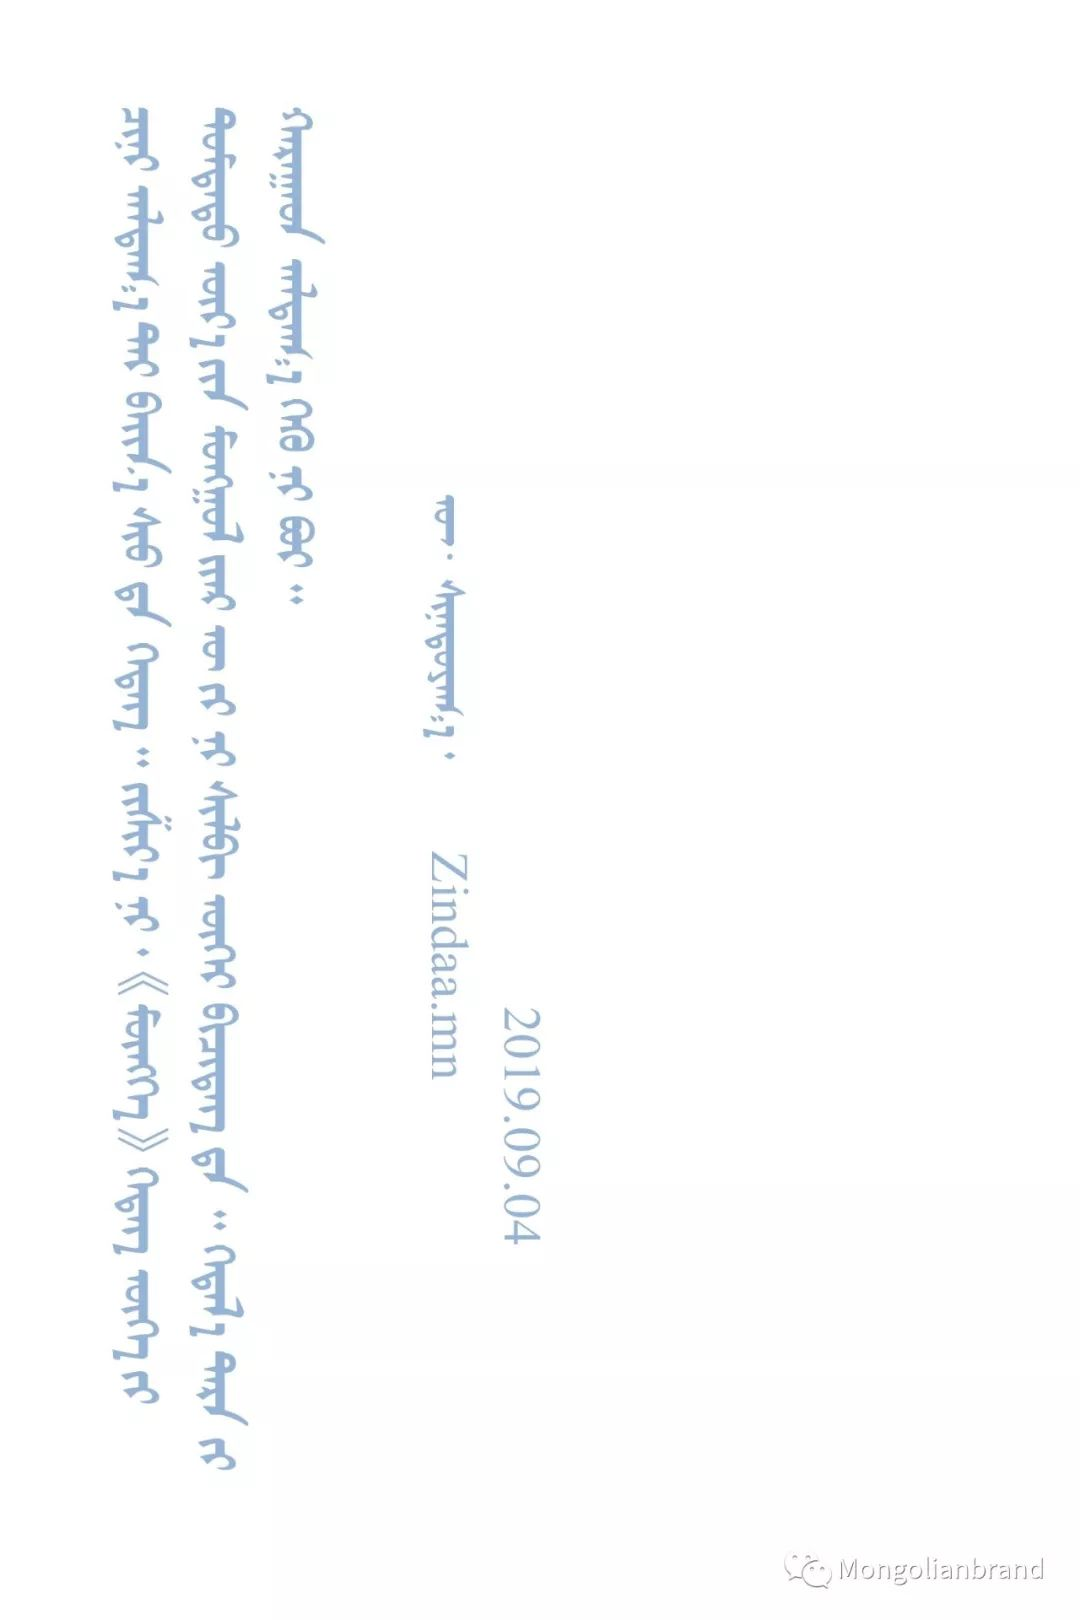 蒙古字体设计专家Jamiyansuren:让每个蒙古人掌握传统蒙古文是我们的终极目标 第29张 蒙古字体设计专家Jamiyansuren:让每个蒙古人掌握传统蒙古文是我们的终极目标 蒙古文化